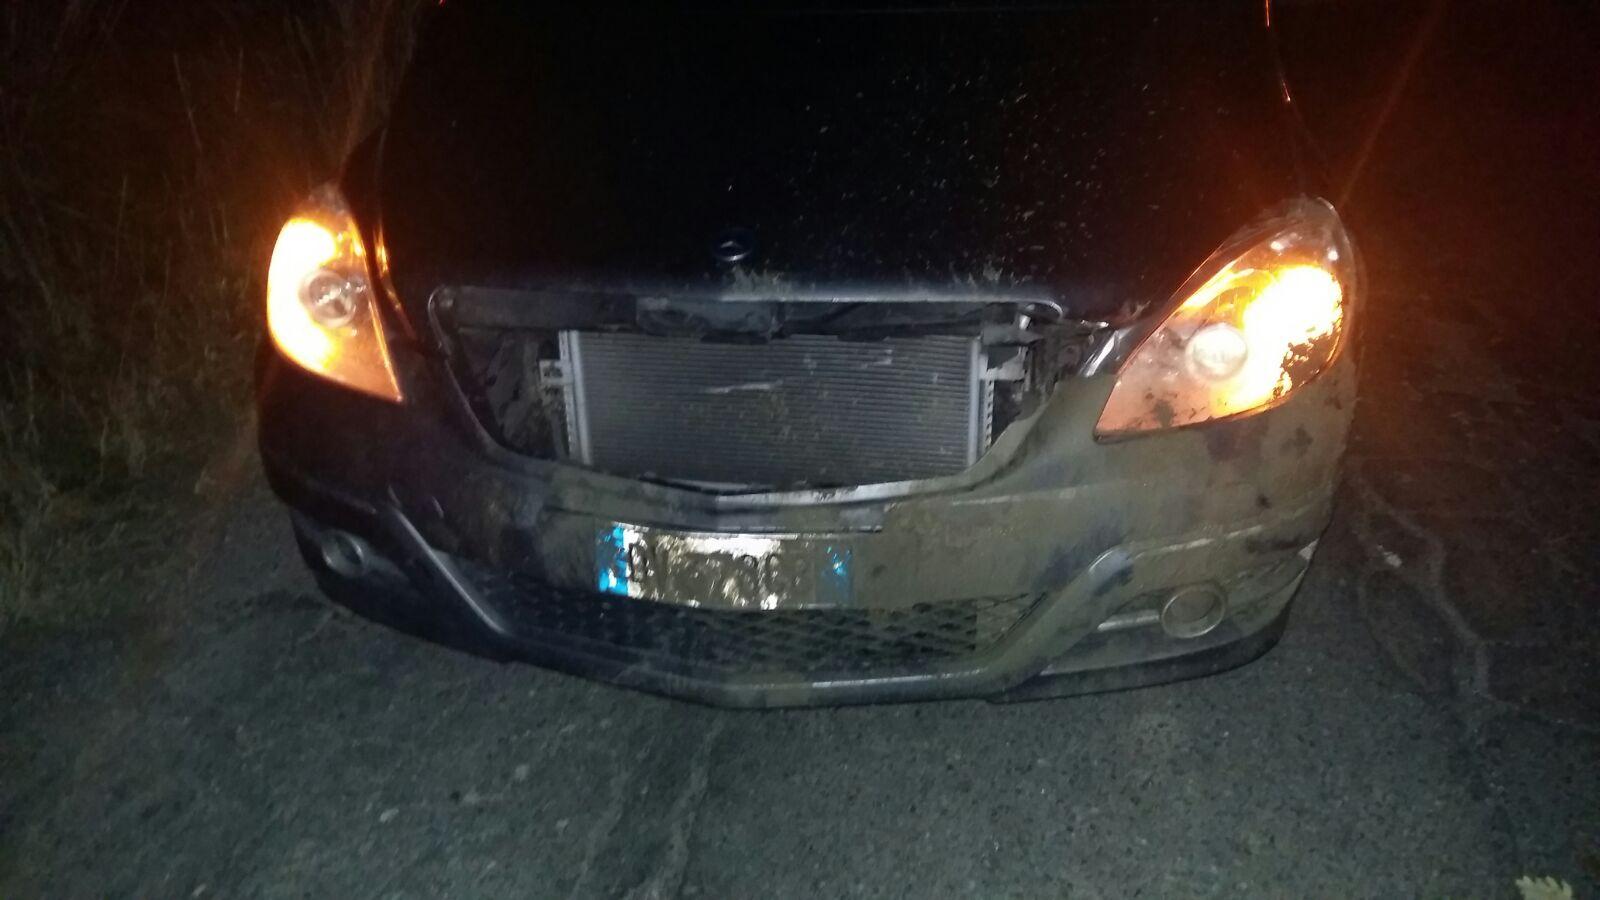 Incidente stradale causato da un cinghiale